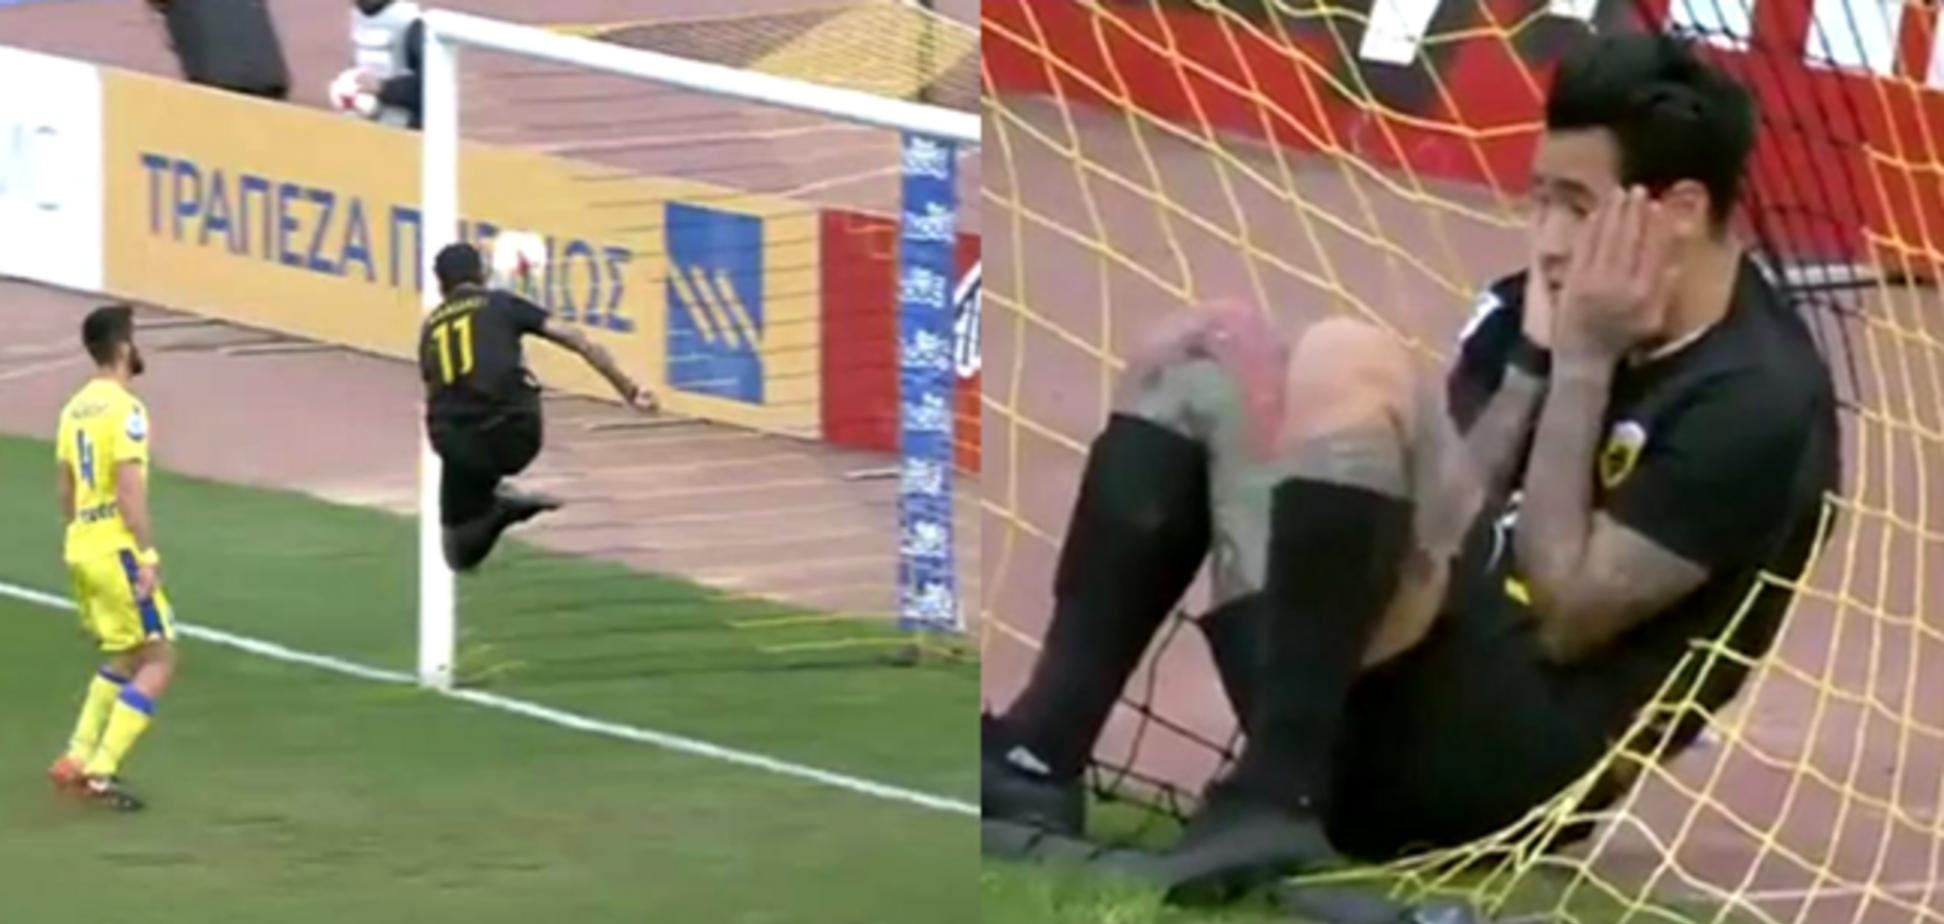 Футболіст АЕКа дико осоромився перед матчем з 'Динамо' в Лізі Європи: відео фейлу